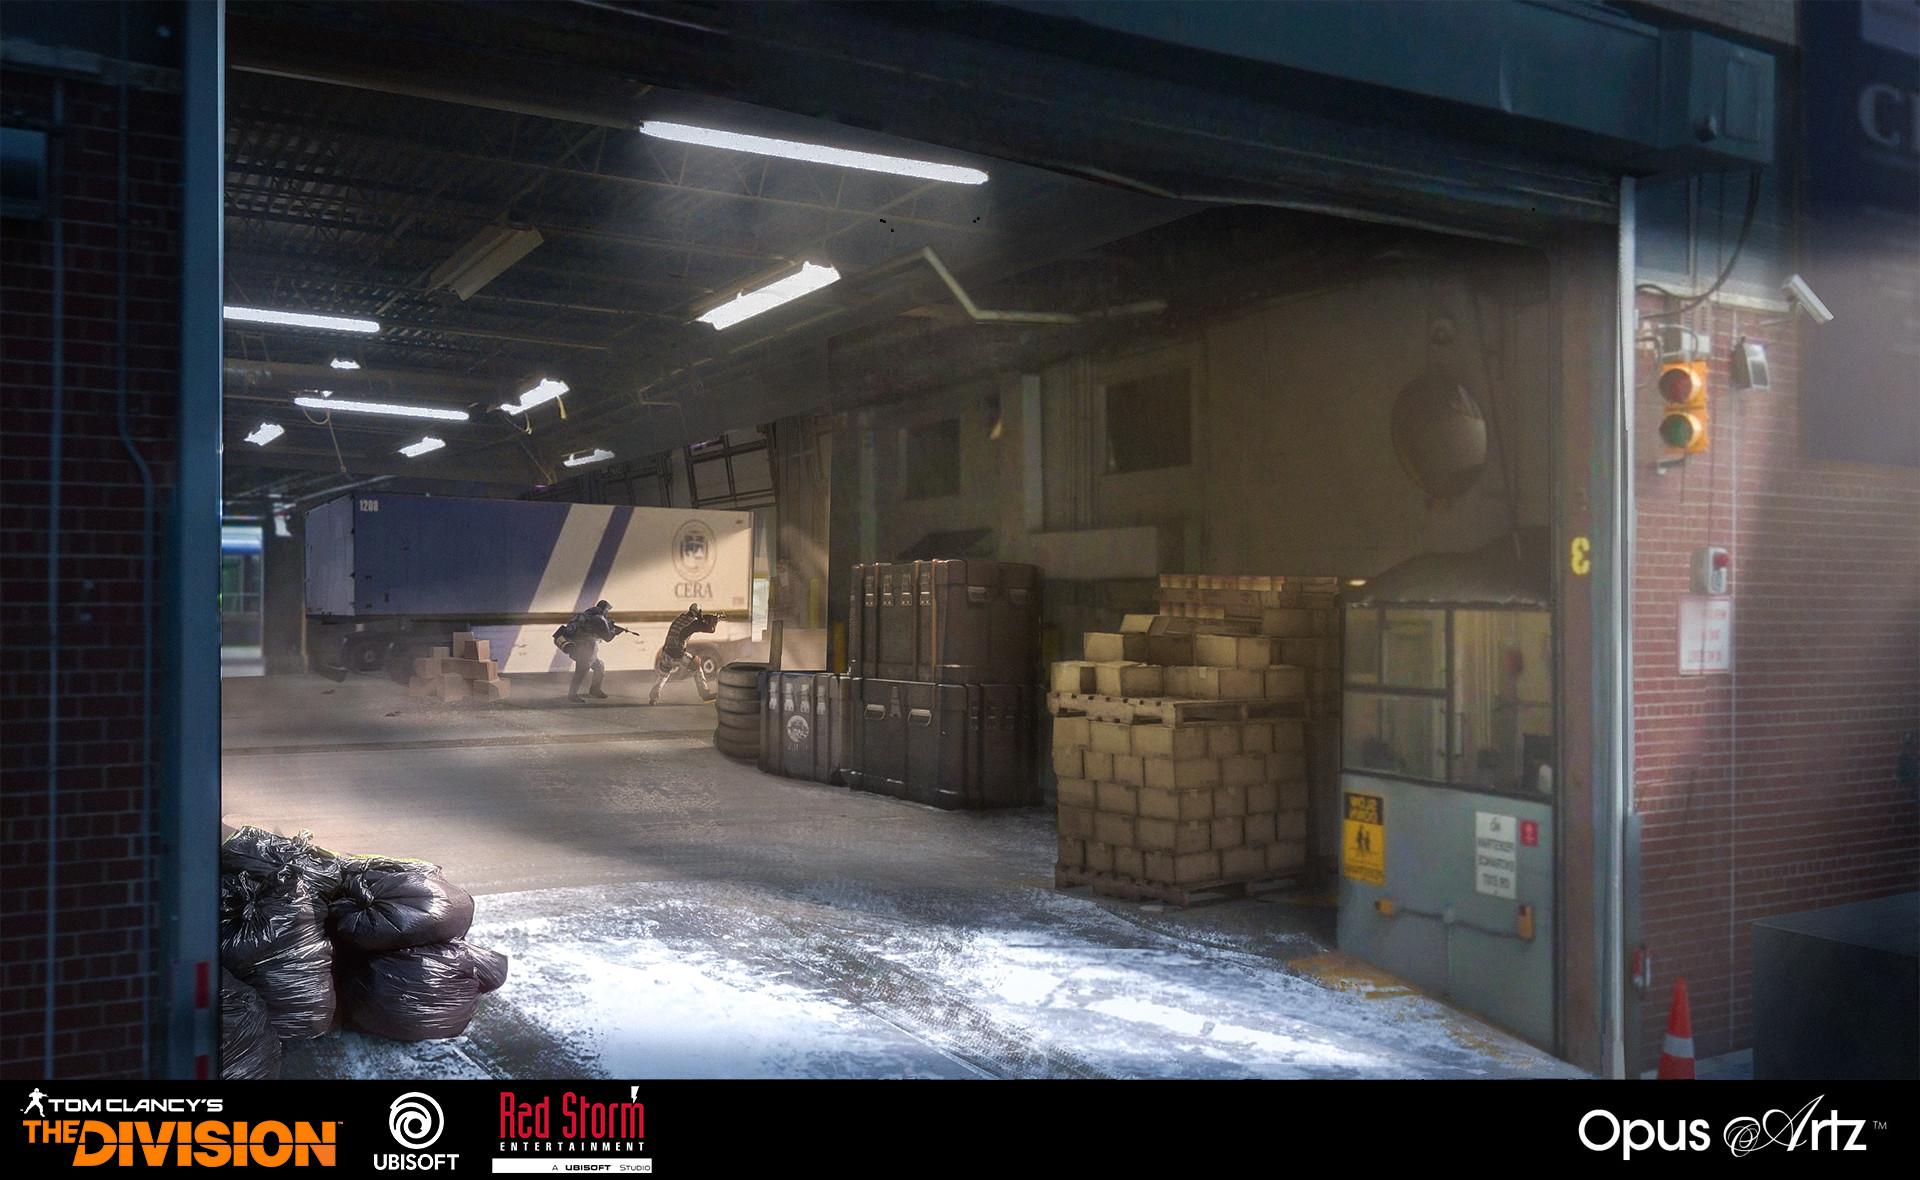 Opus artz loading dock interior